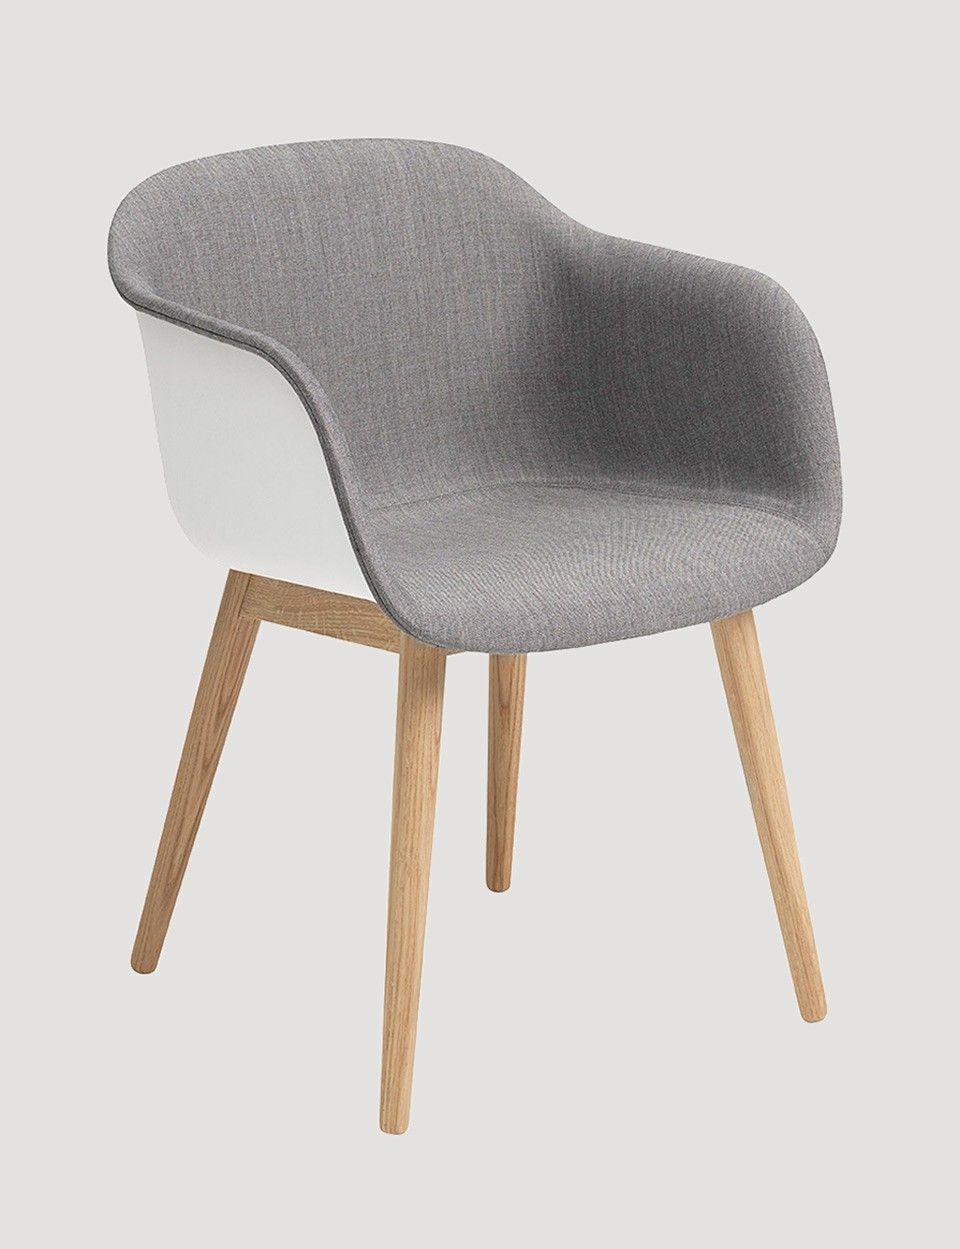 FIBER ARMCHAIR FRONT UPHOLSTERY   Modern Scandinavian Design Shell Chair By  Muuto   Muuto